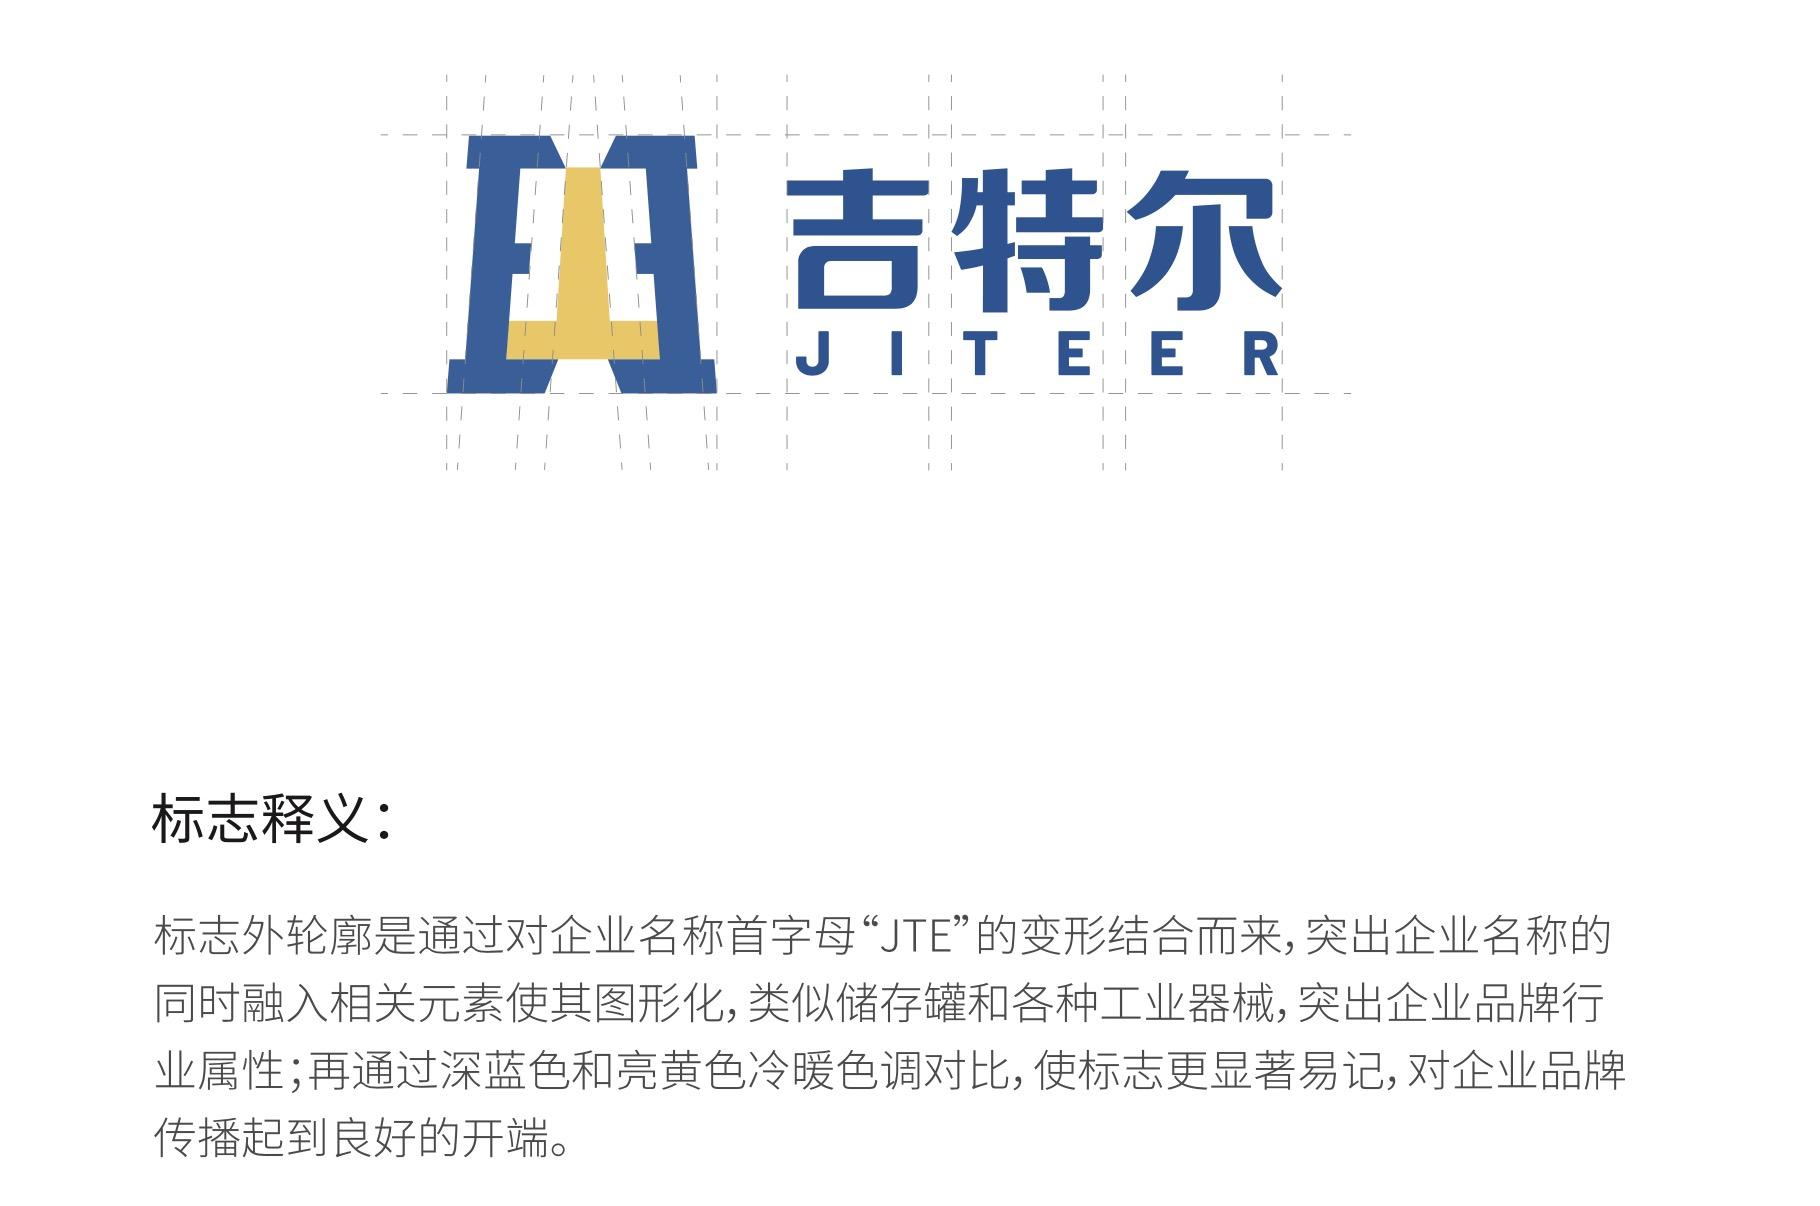 吉特尔logo设计